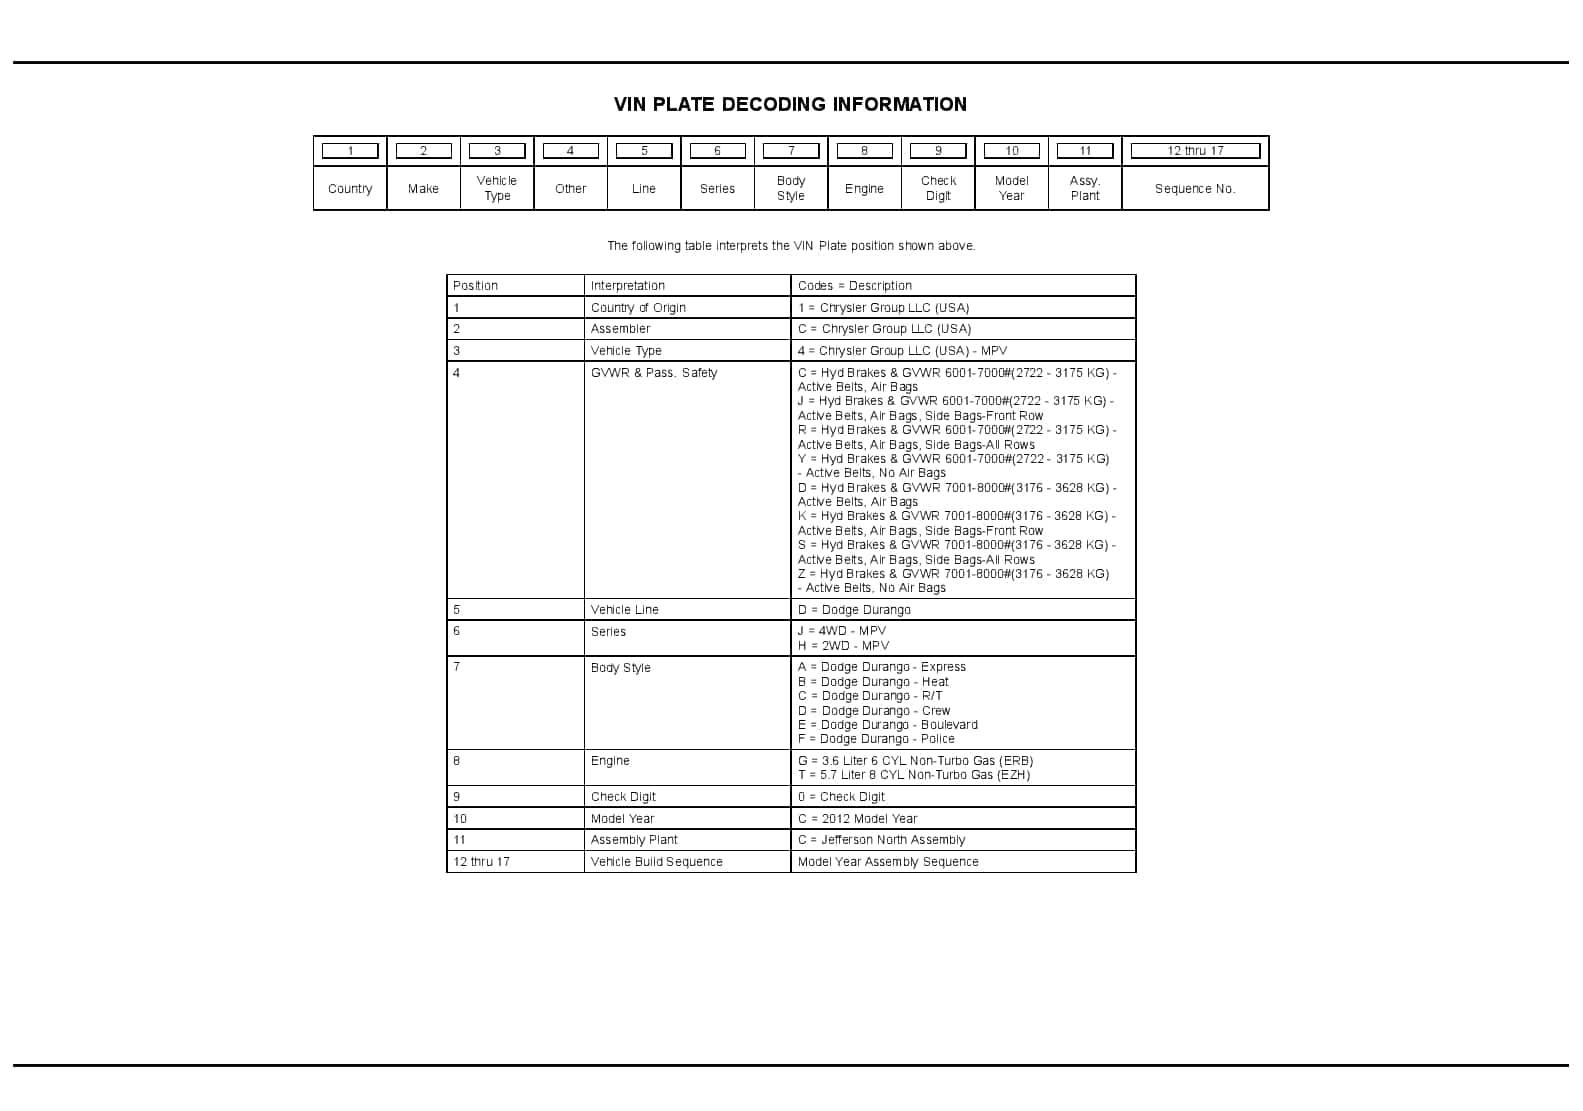 2012 Dodge Durango Parts Manual Pdf Download